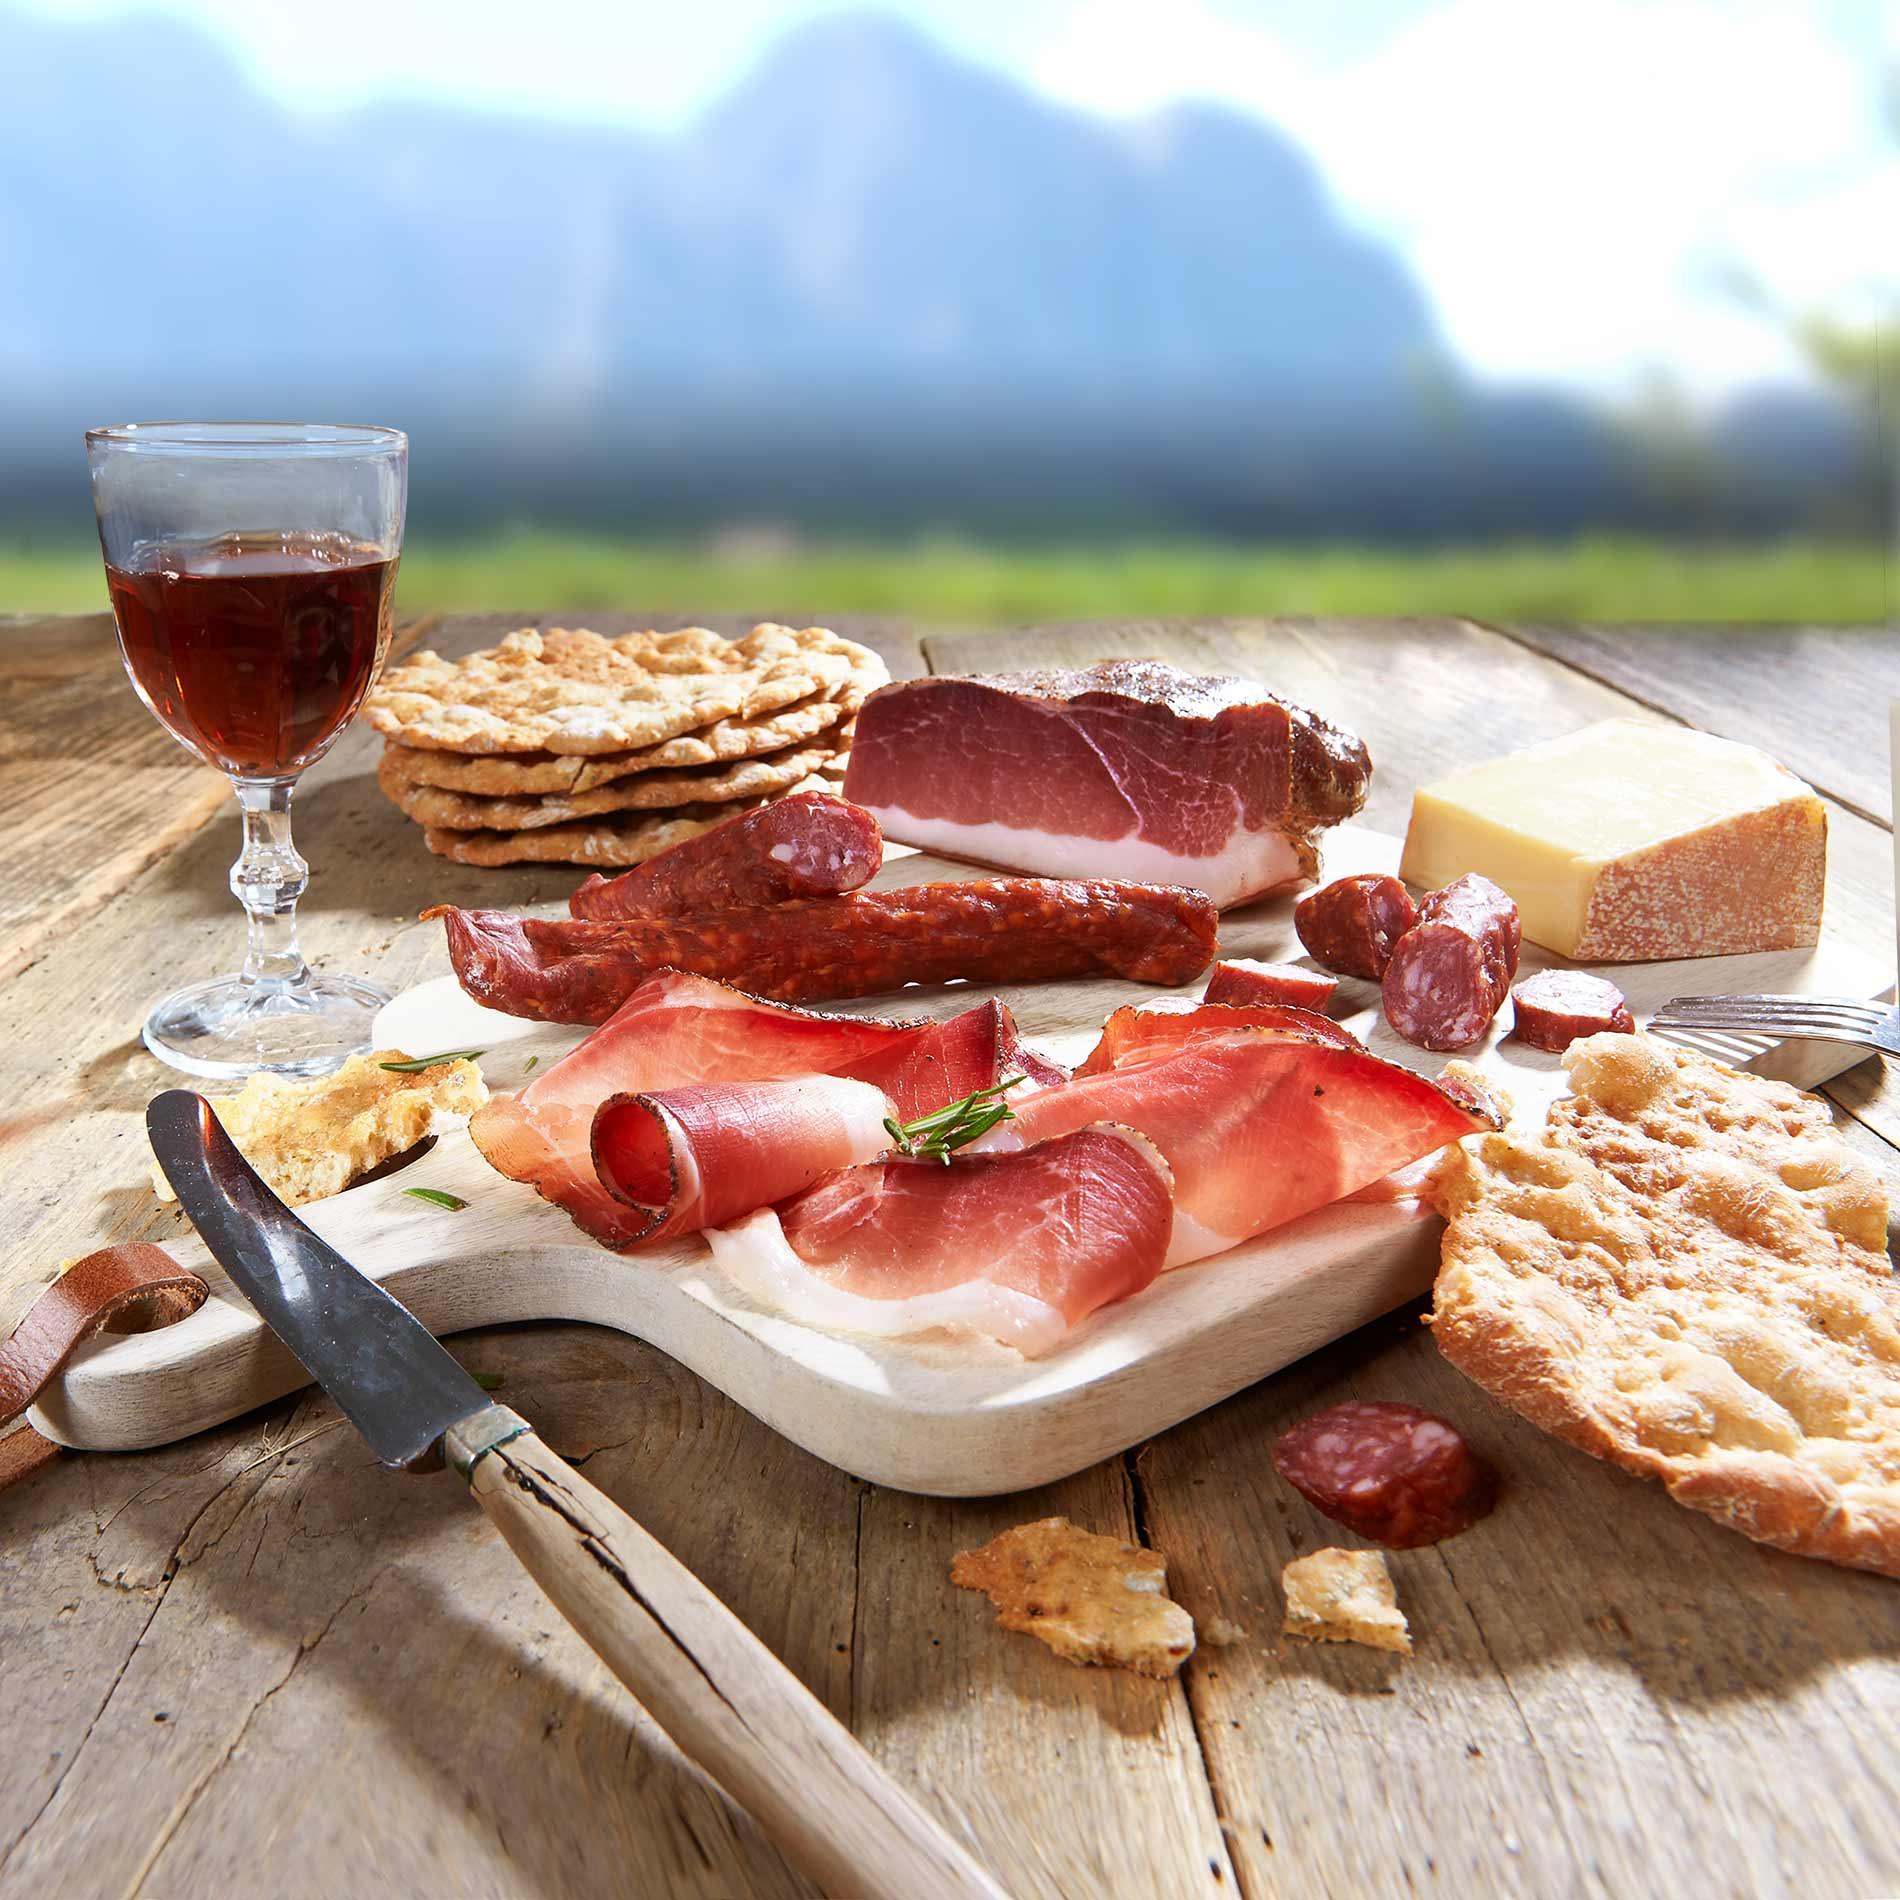 Südtiroler Spezialitäten: Die Marende